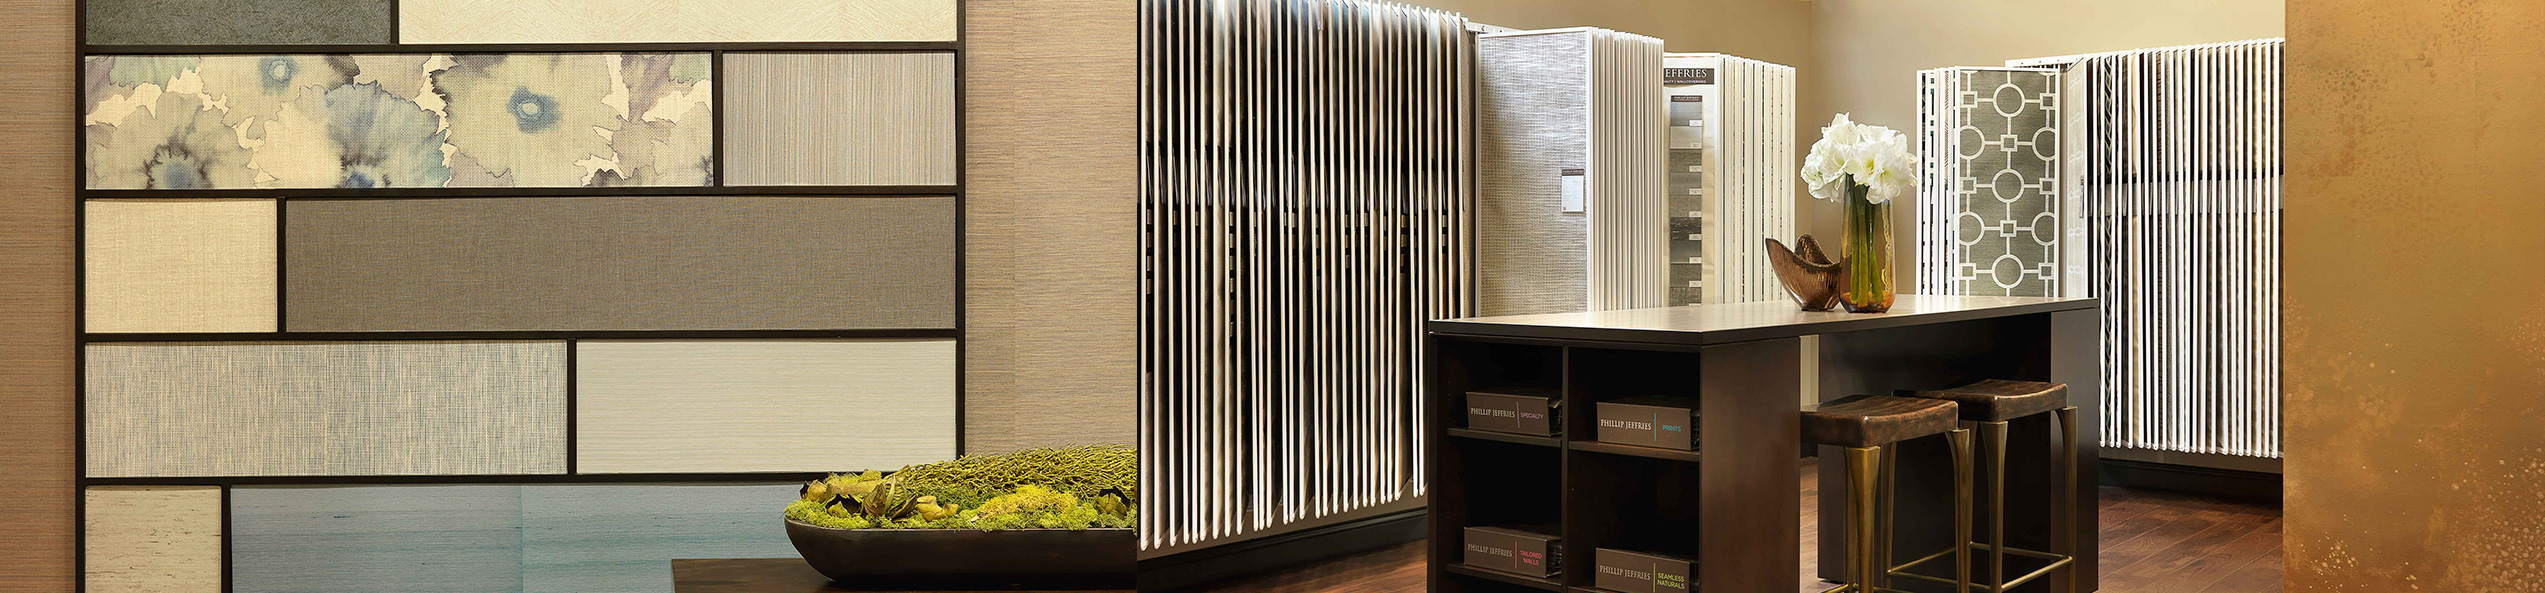 KDR Designer Showrooms